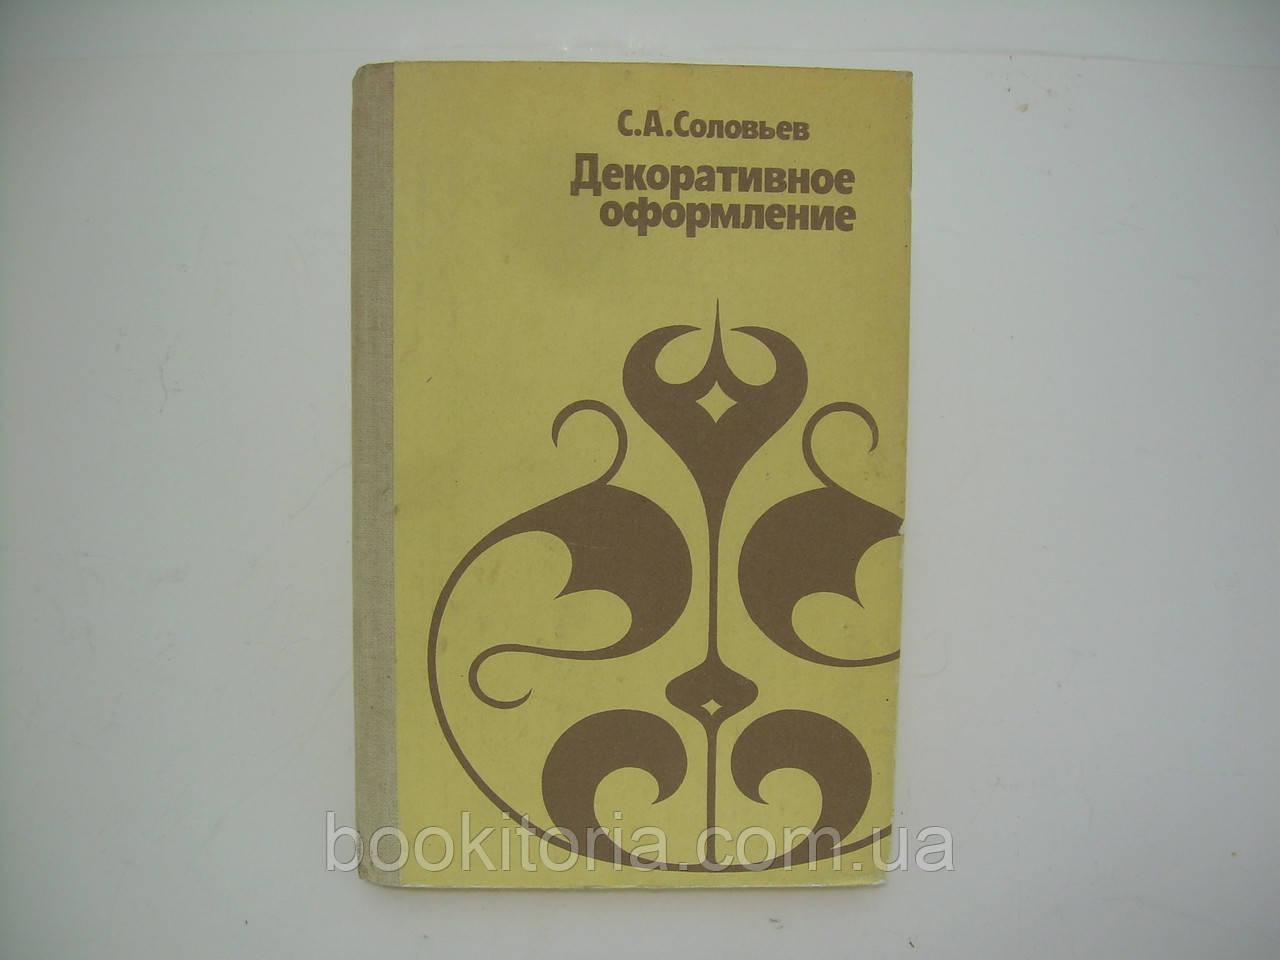 Соловьев С.А. Декоративное оформление (б/у).